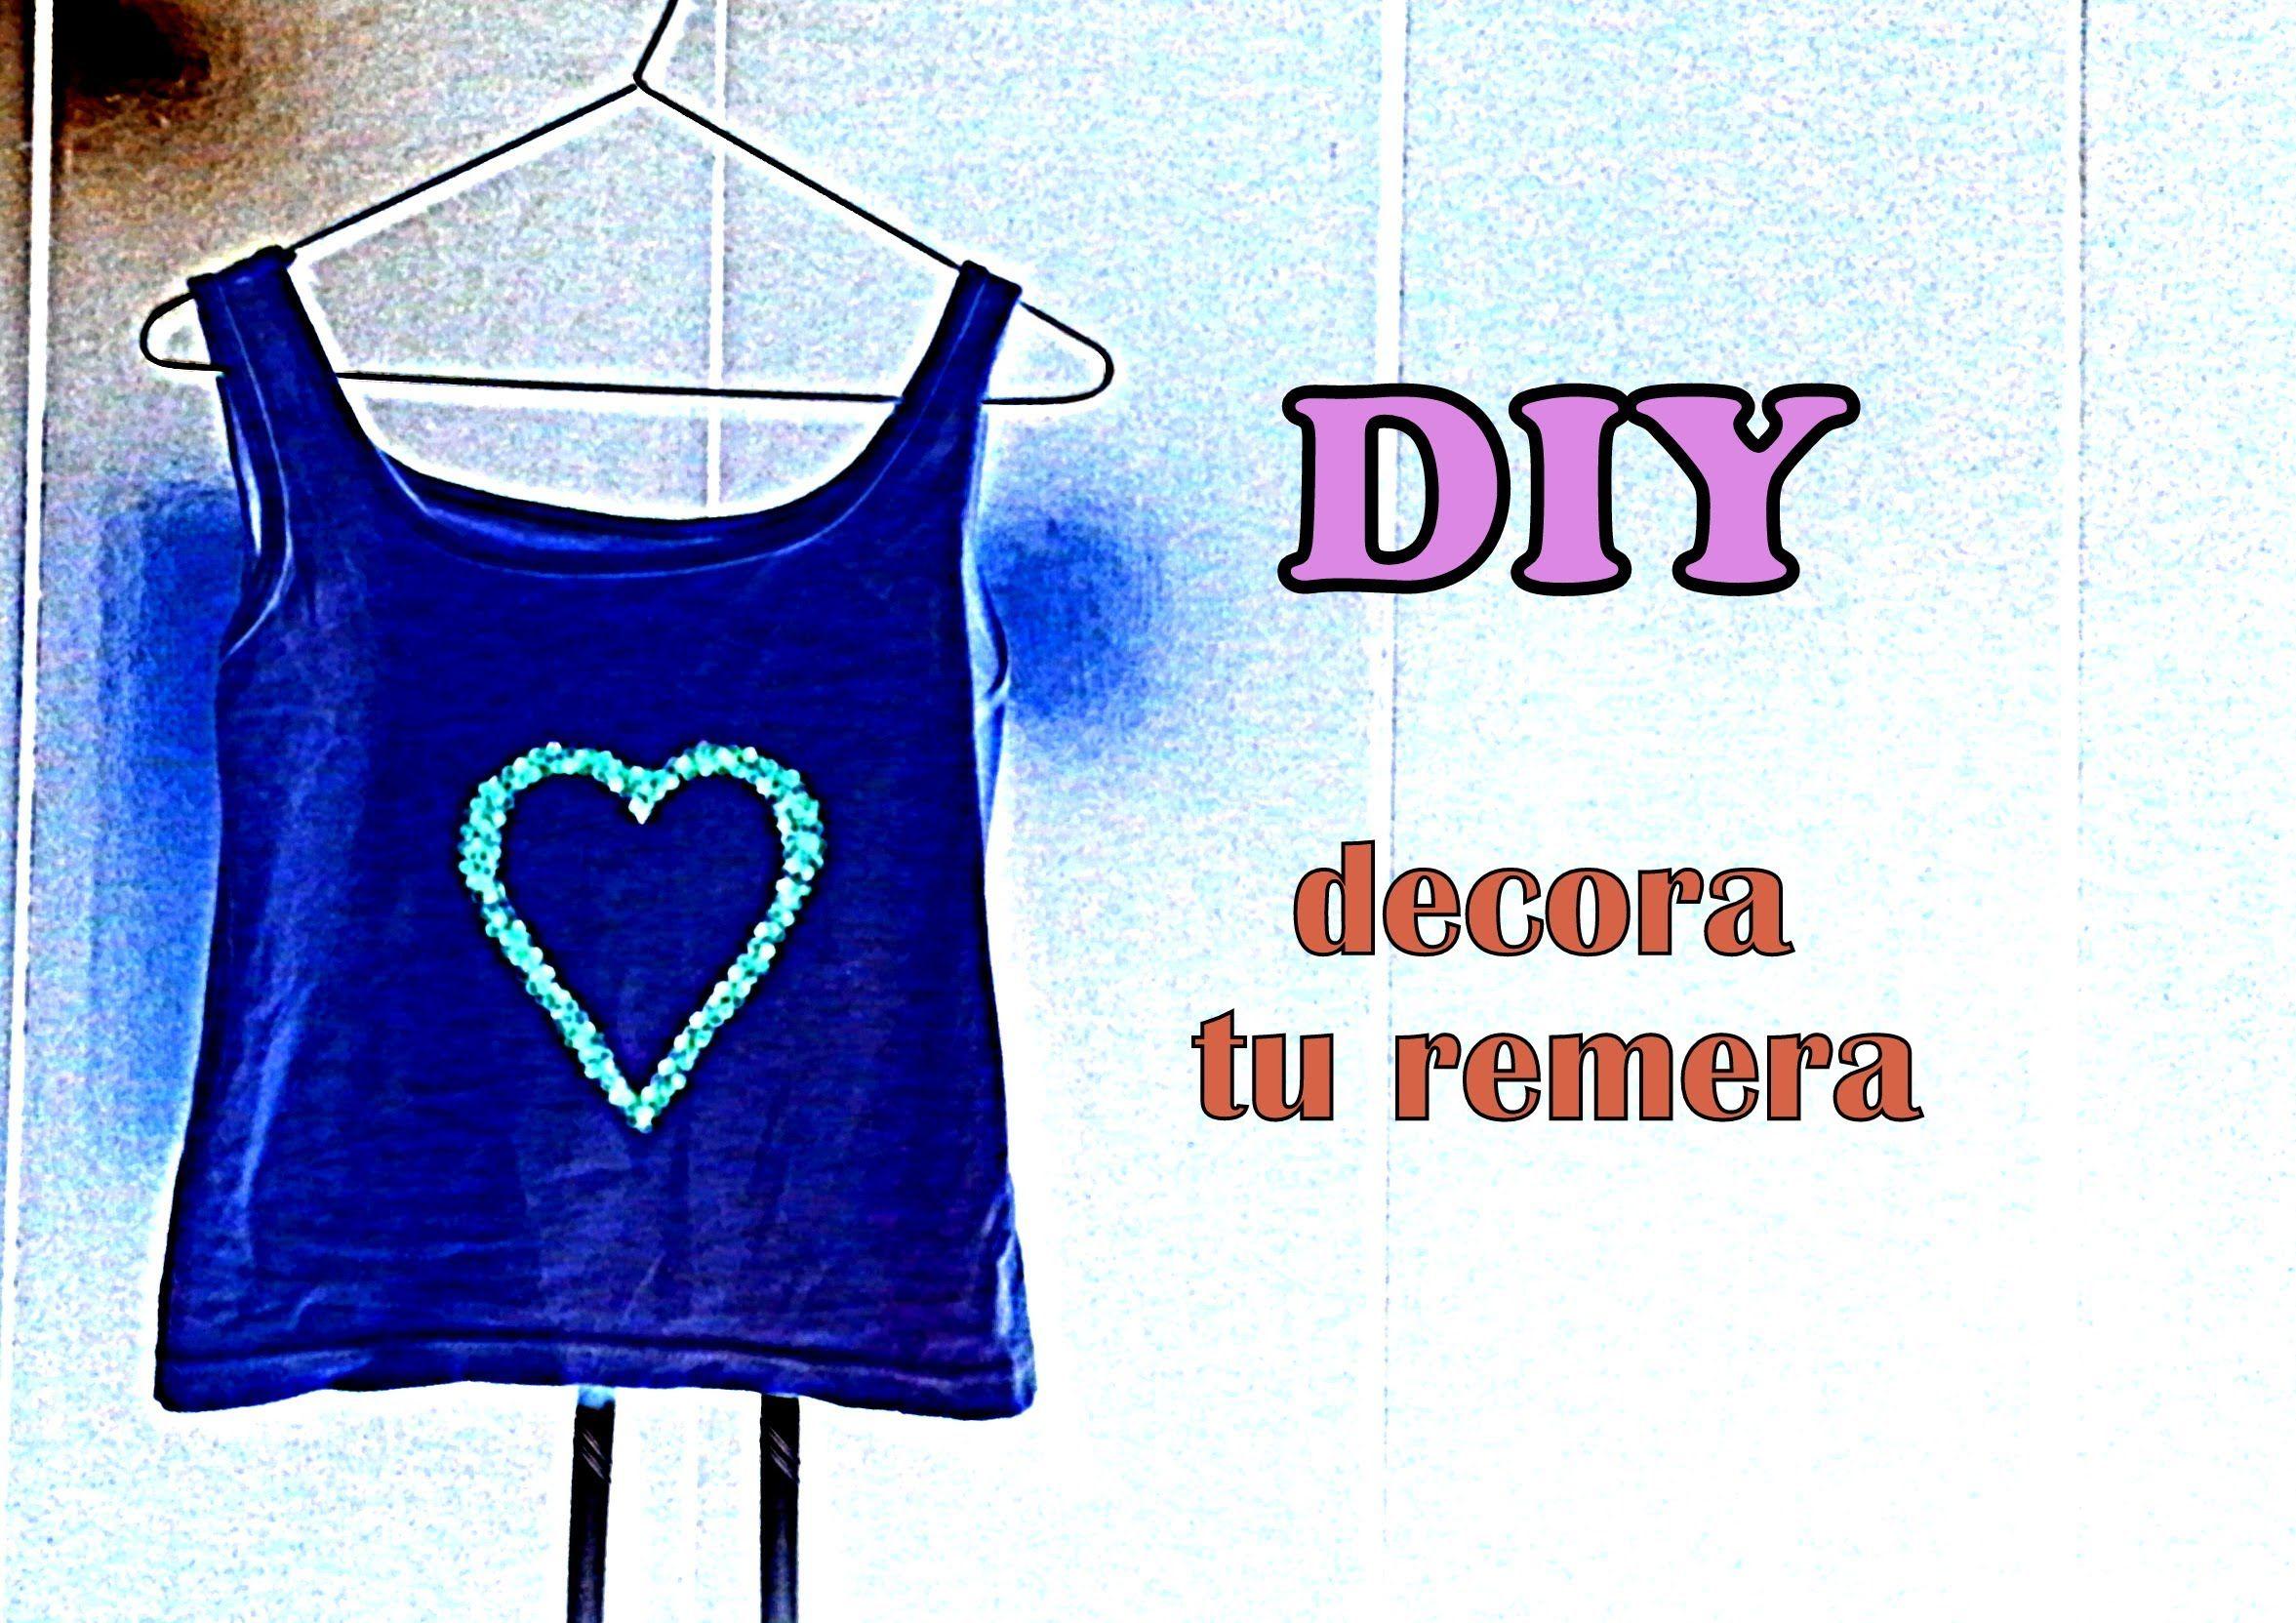 DIY decora tu remera (facil y rapido)